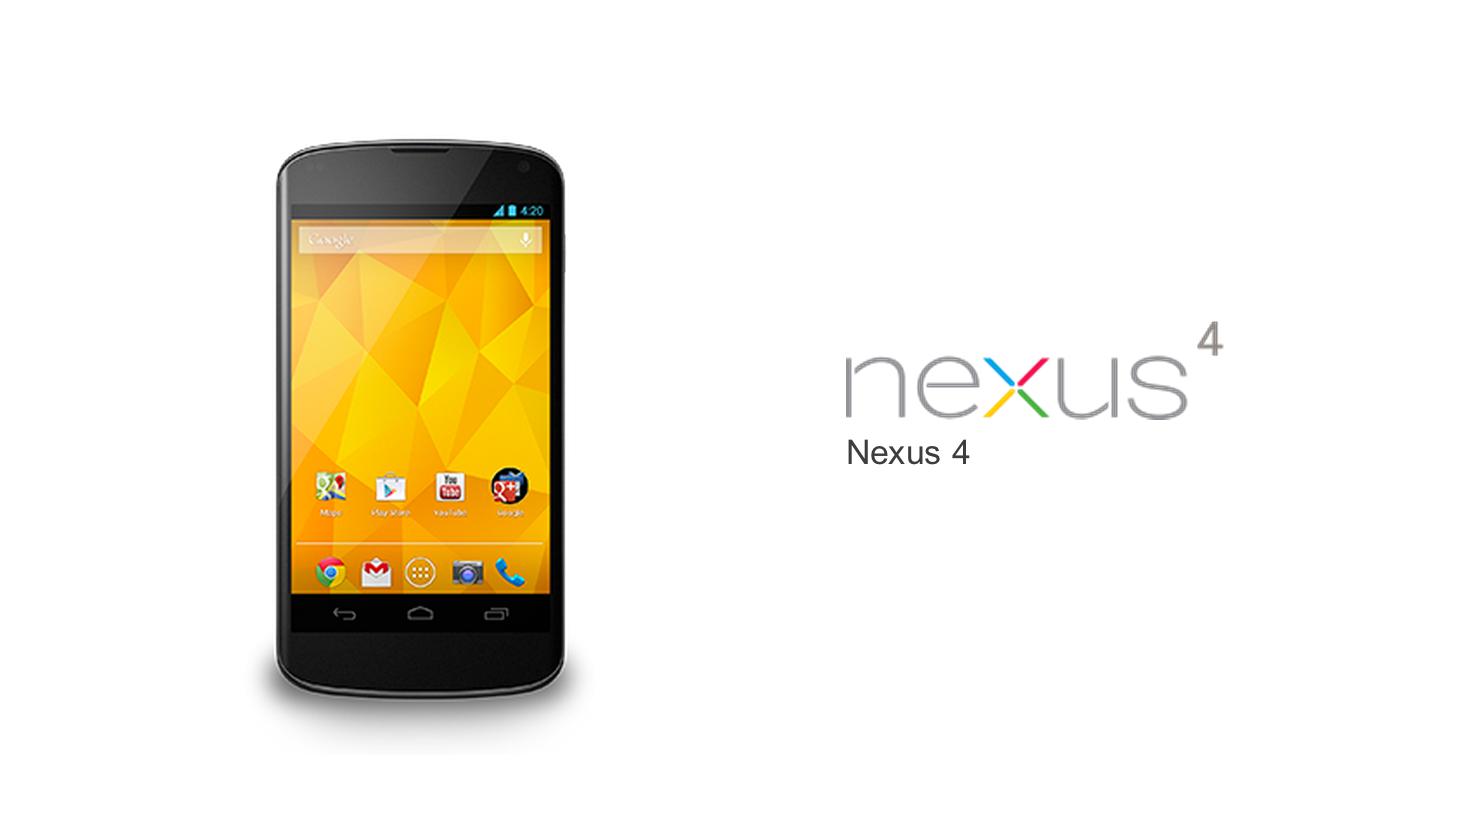 ホワイトカラーのNexus4が再びリークーGoogle I/O 2013で配布?